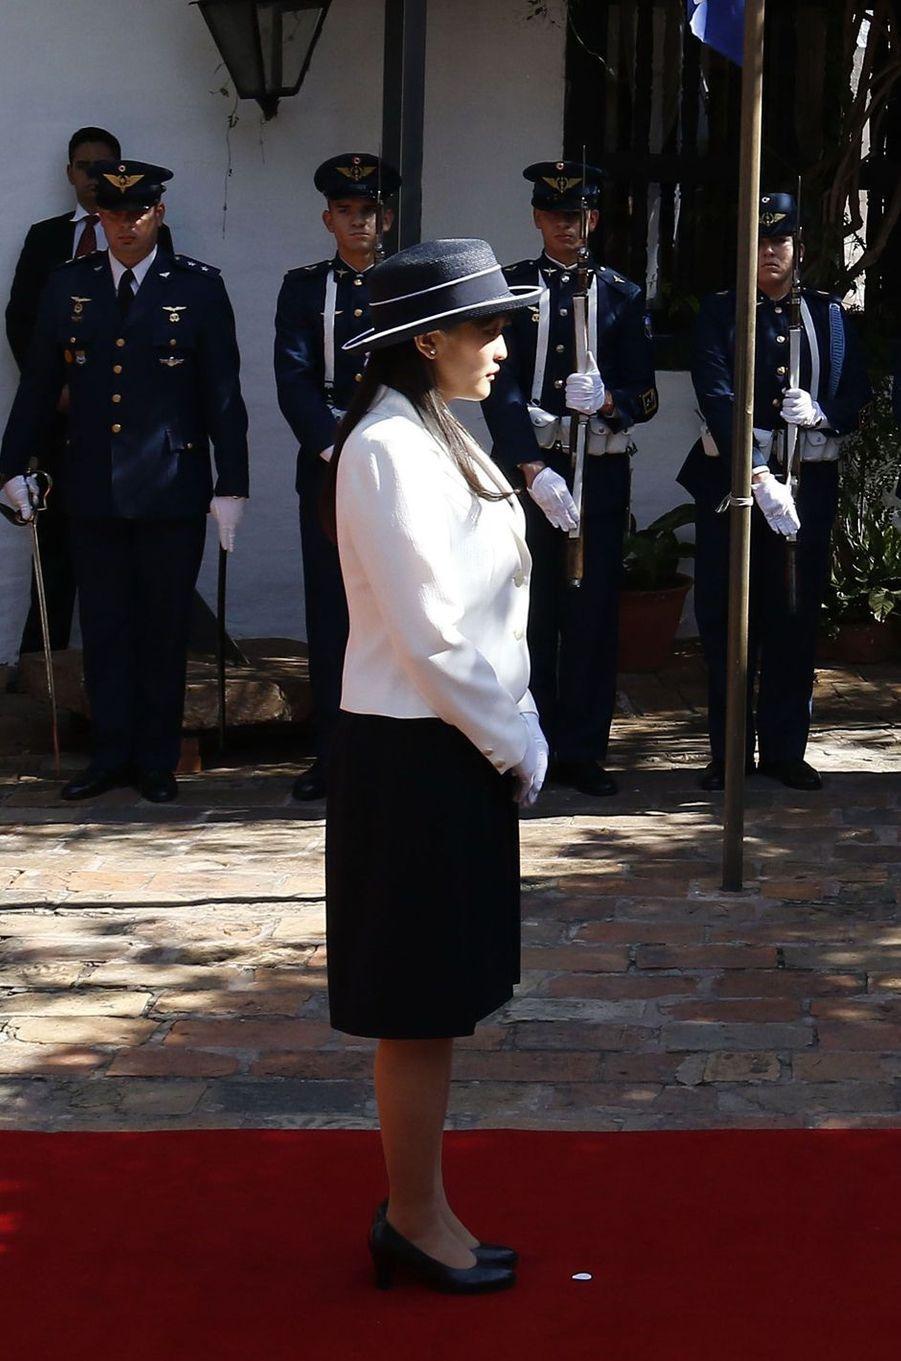 La princesse Mako du Japon à Asuncion, le 7 septembre 2016